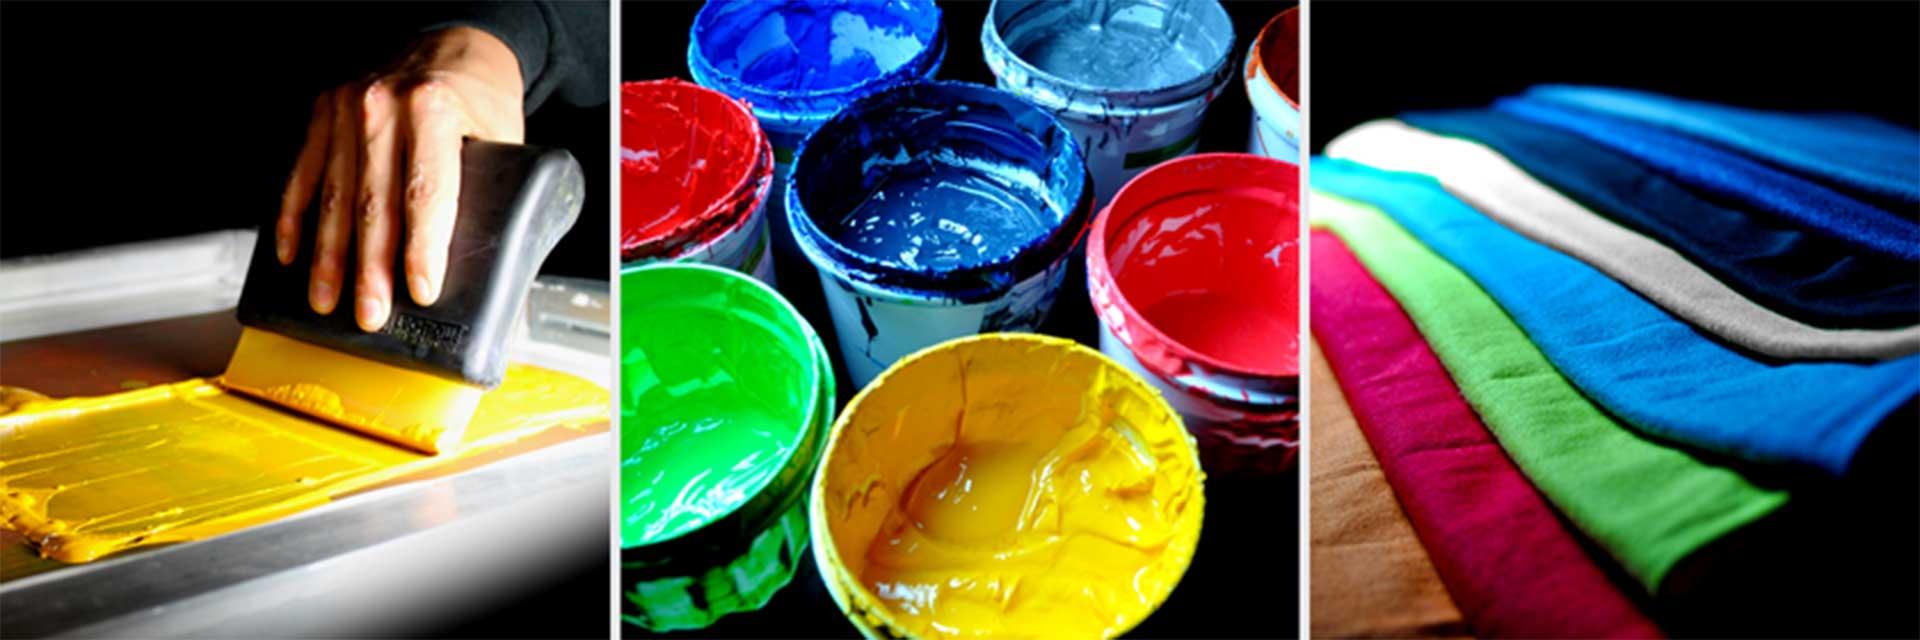 boje, rakel, dezeni, tekstil, sito štampa